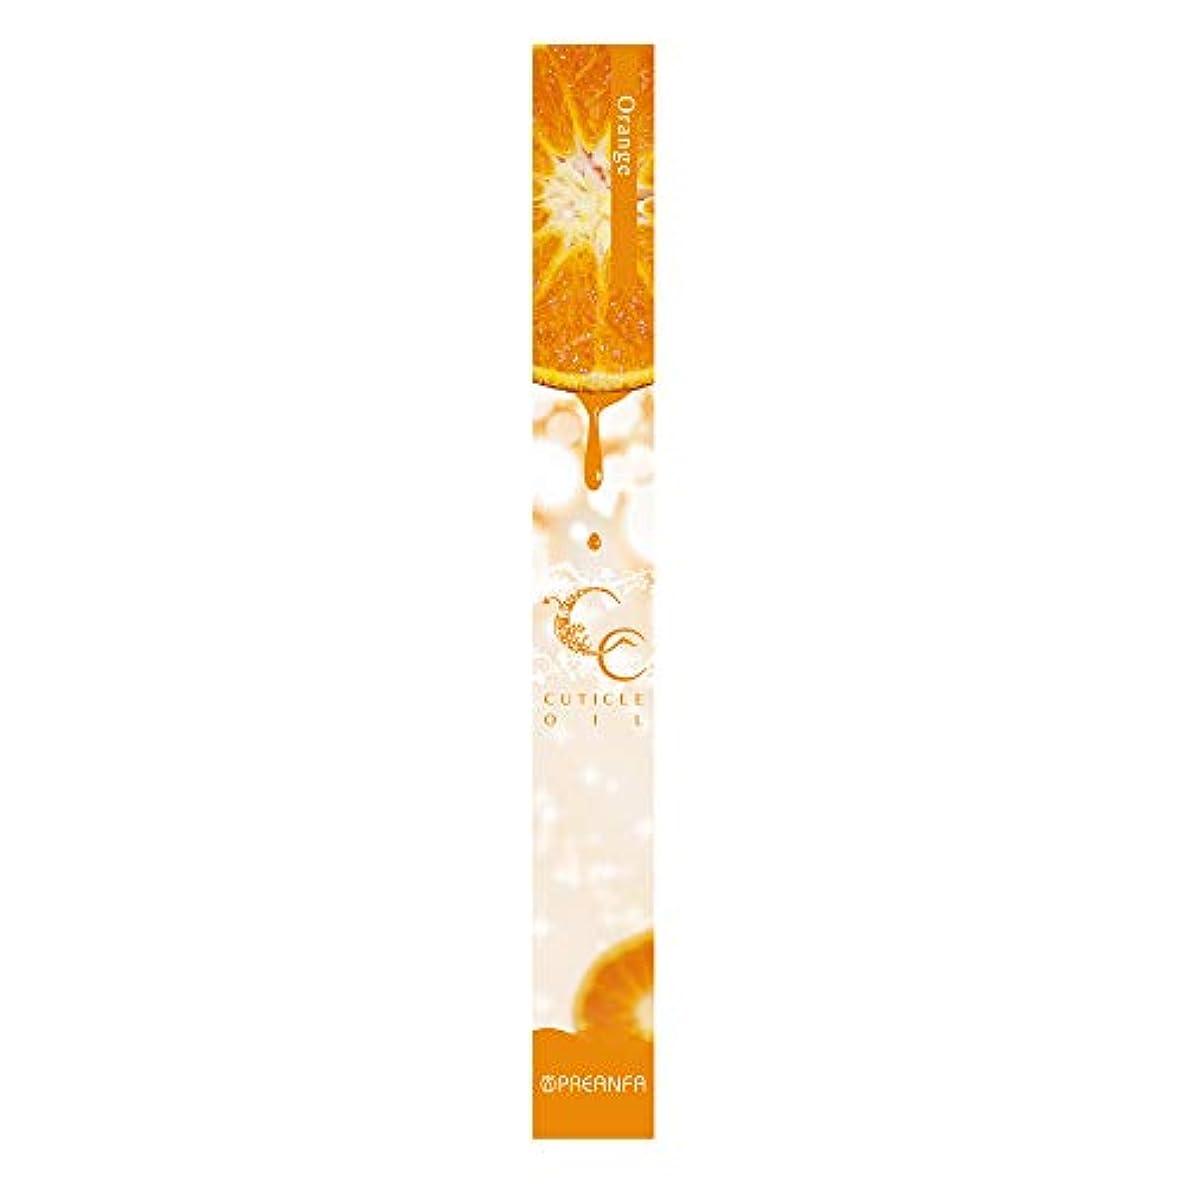 著者匿名親指プリジェル 甘皮ケア CCキューティクルオイル オレンジ 4.5g 保湿オイル ペンタイプ